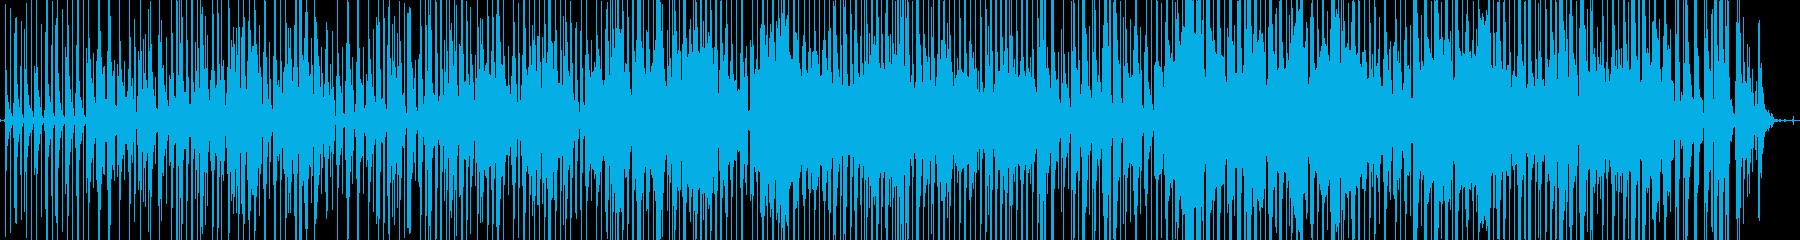 ウクレレと鍵盤ハーモニカのアレンジの再生済みの波形